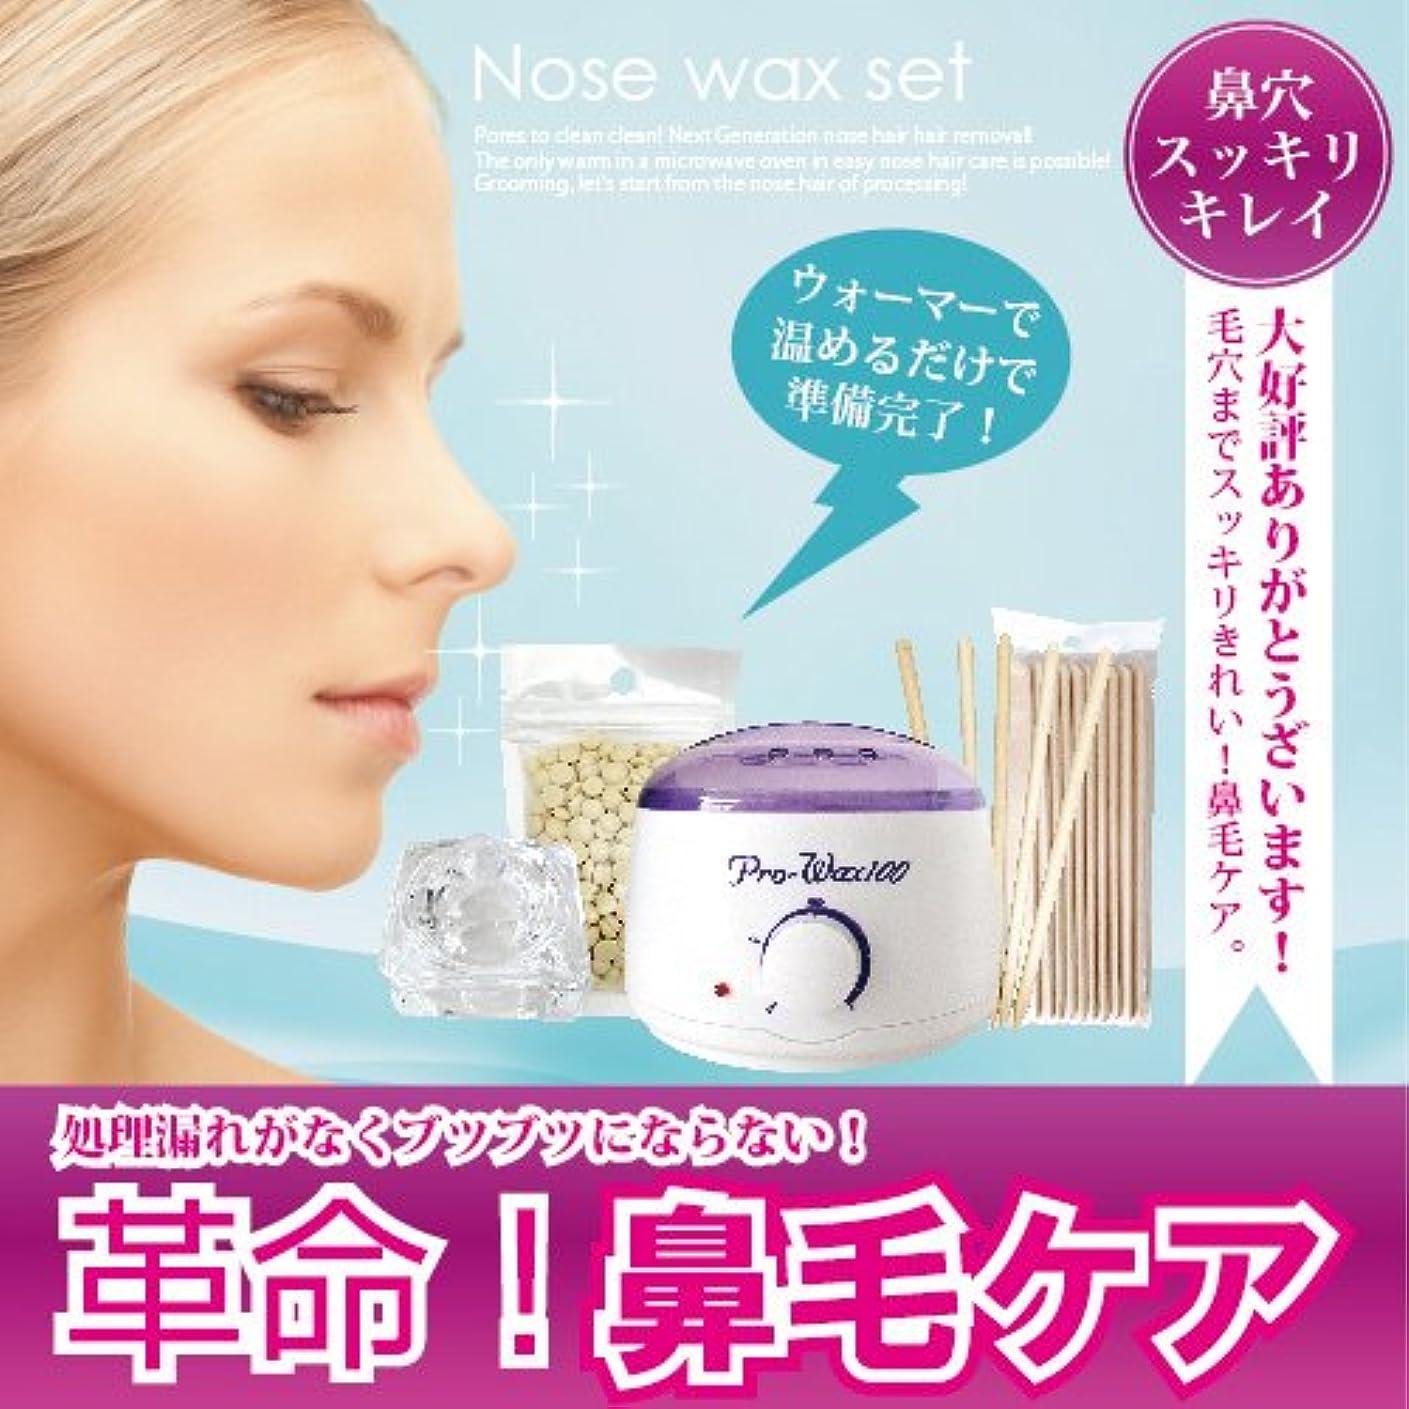 微生物あまりにも起こりやすいブラジリアンワックス Nose wax setウォーマー付ノーズワックス鼻毛ケアセット(約12回分)